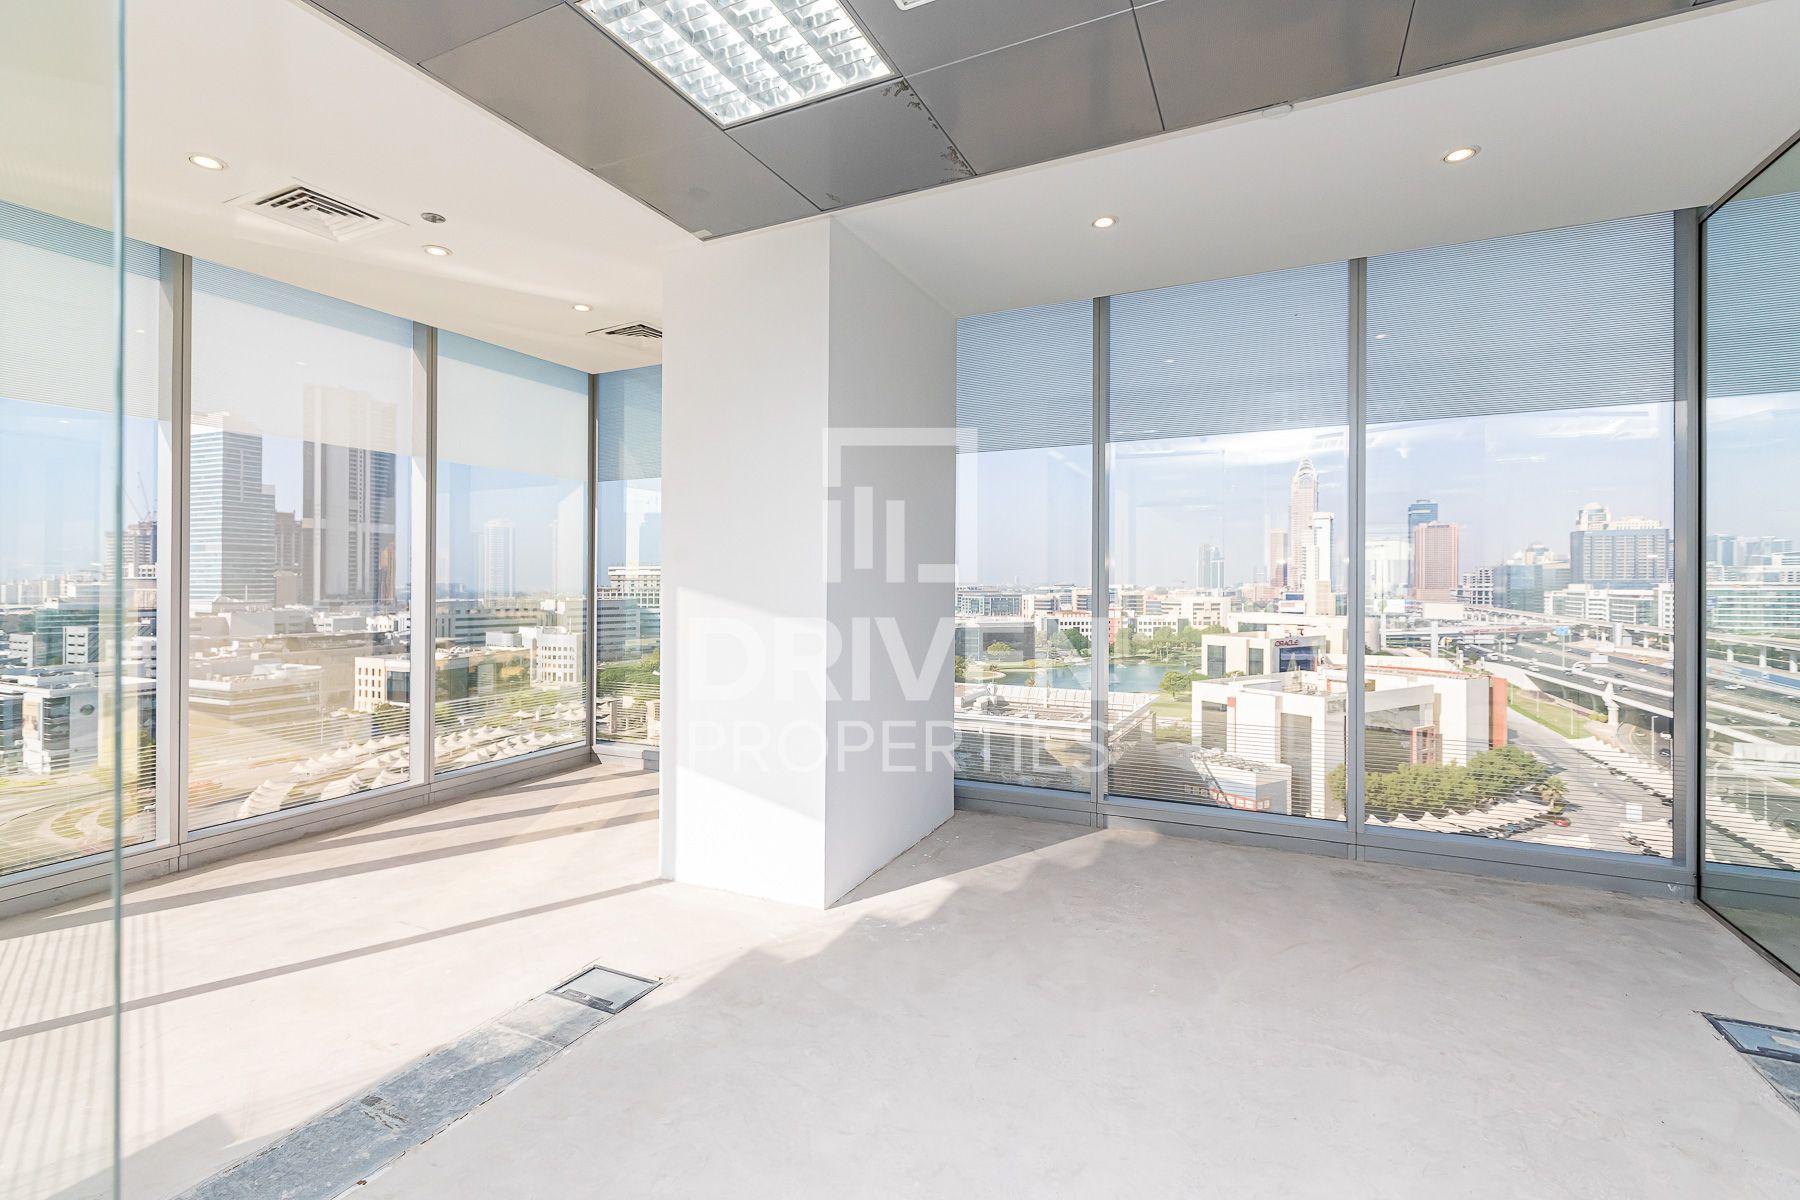 3,669 قدم مربع  مكتب - للايجار - مدينة دبي الإعلامية